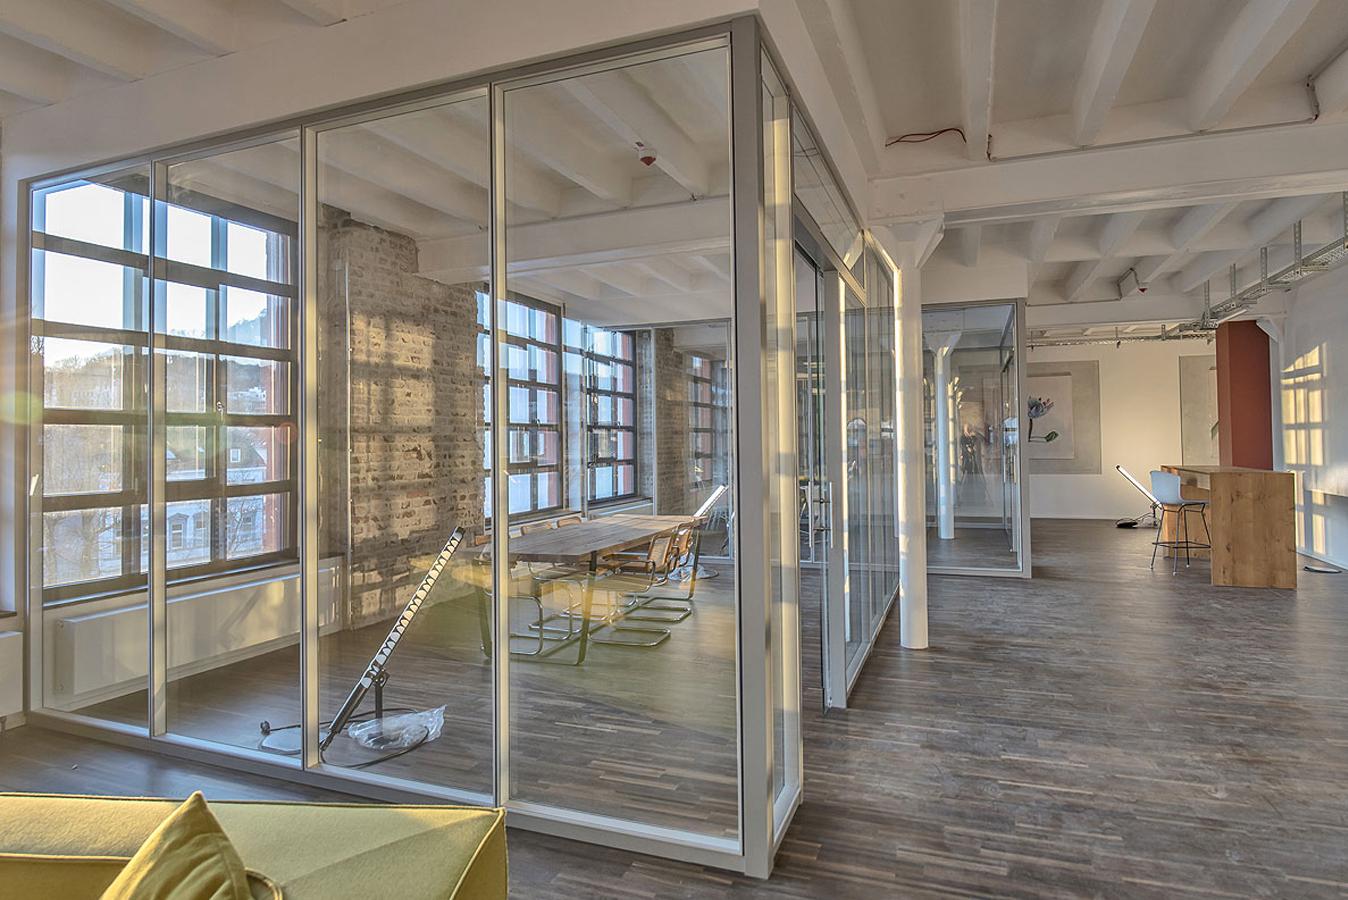 p 1605 11 lindner architekten. Black Bedroom Furniture Sets. Home Design Ideas